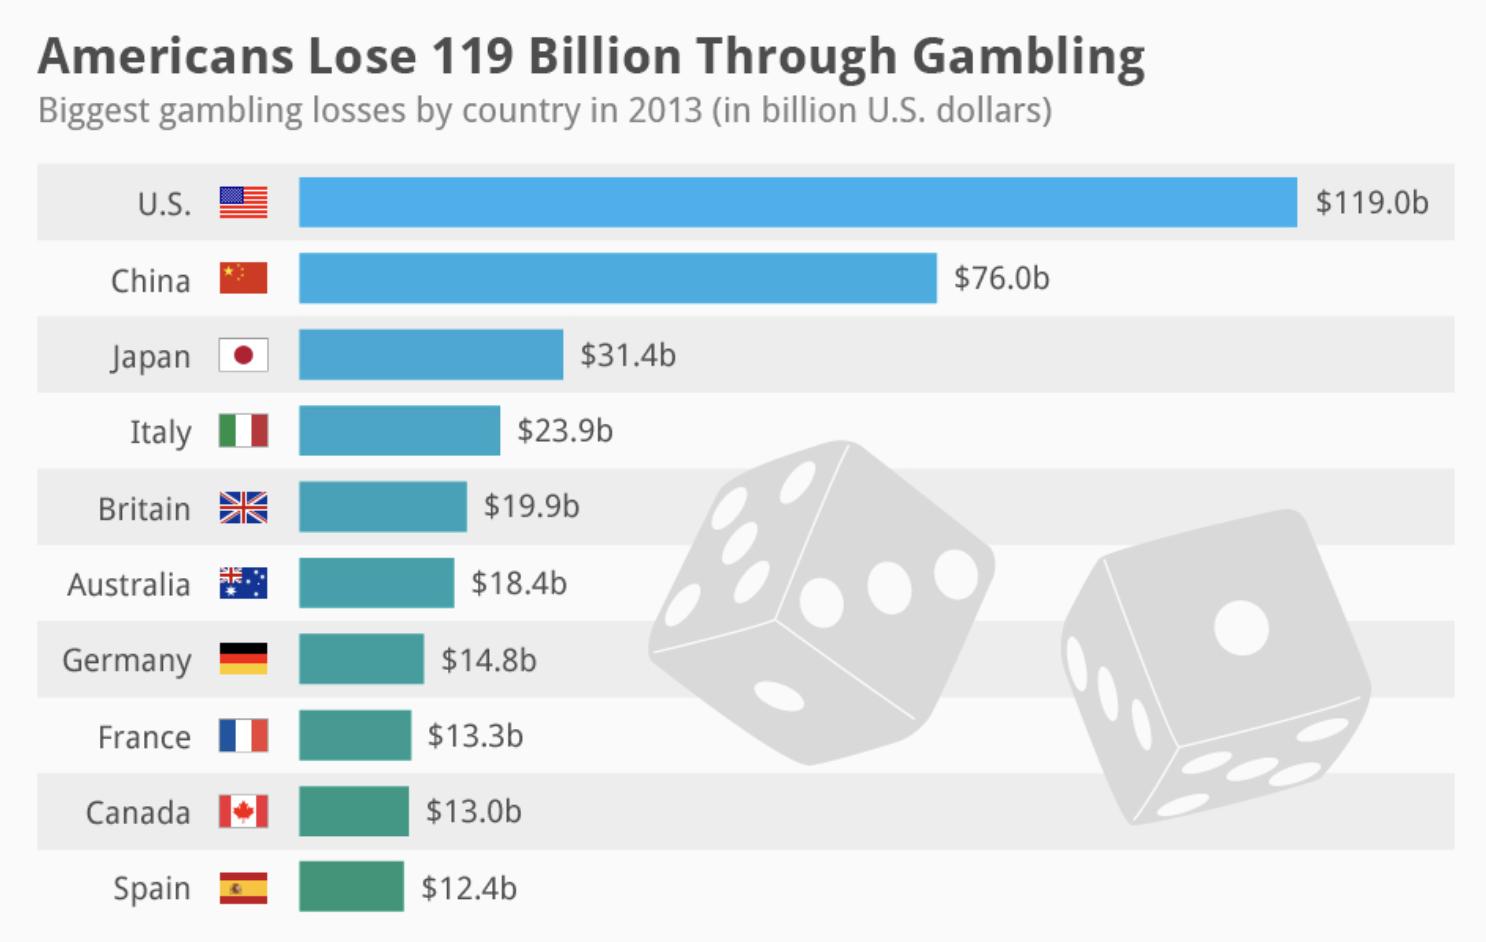 5 Biggest Gambling Nations